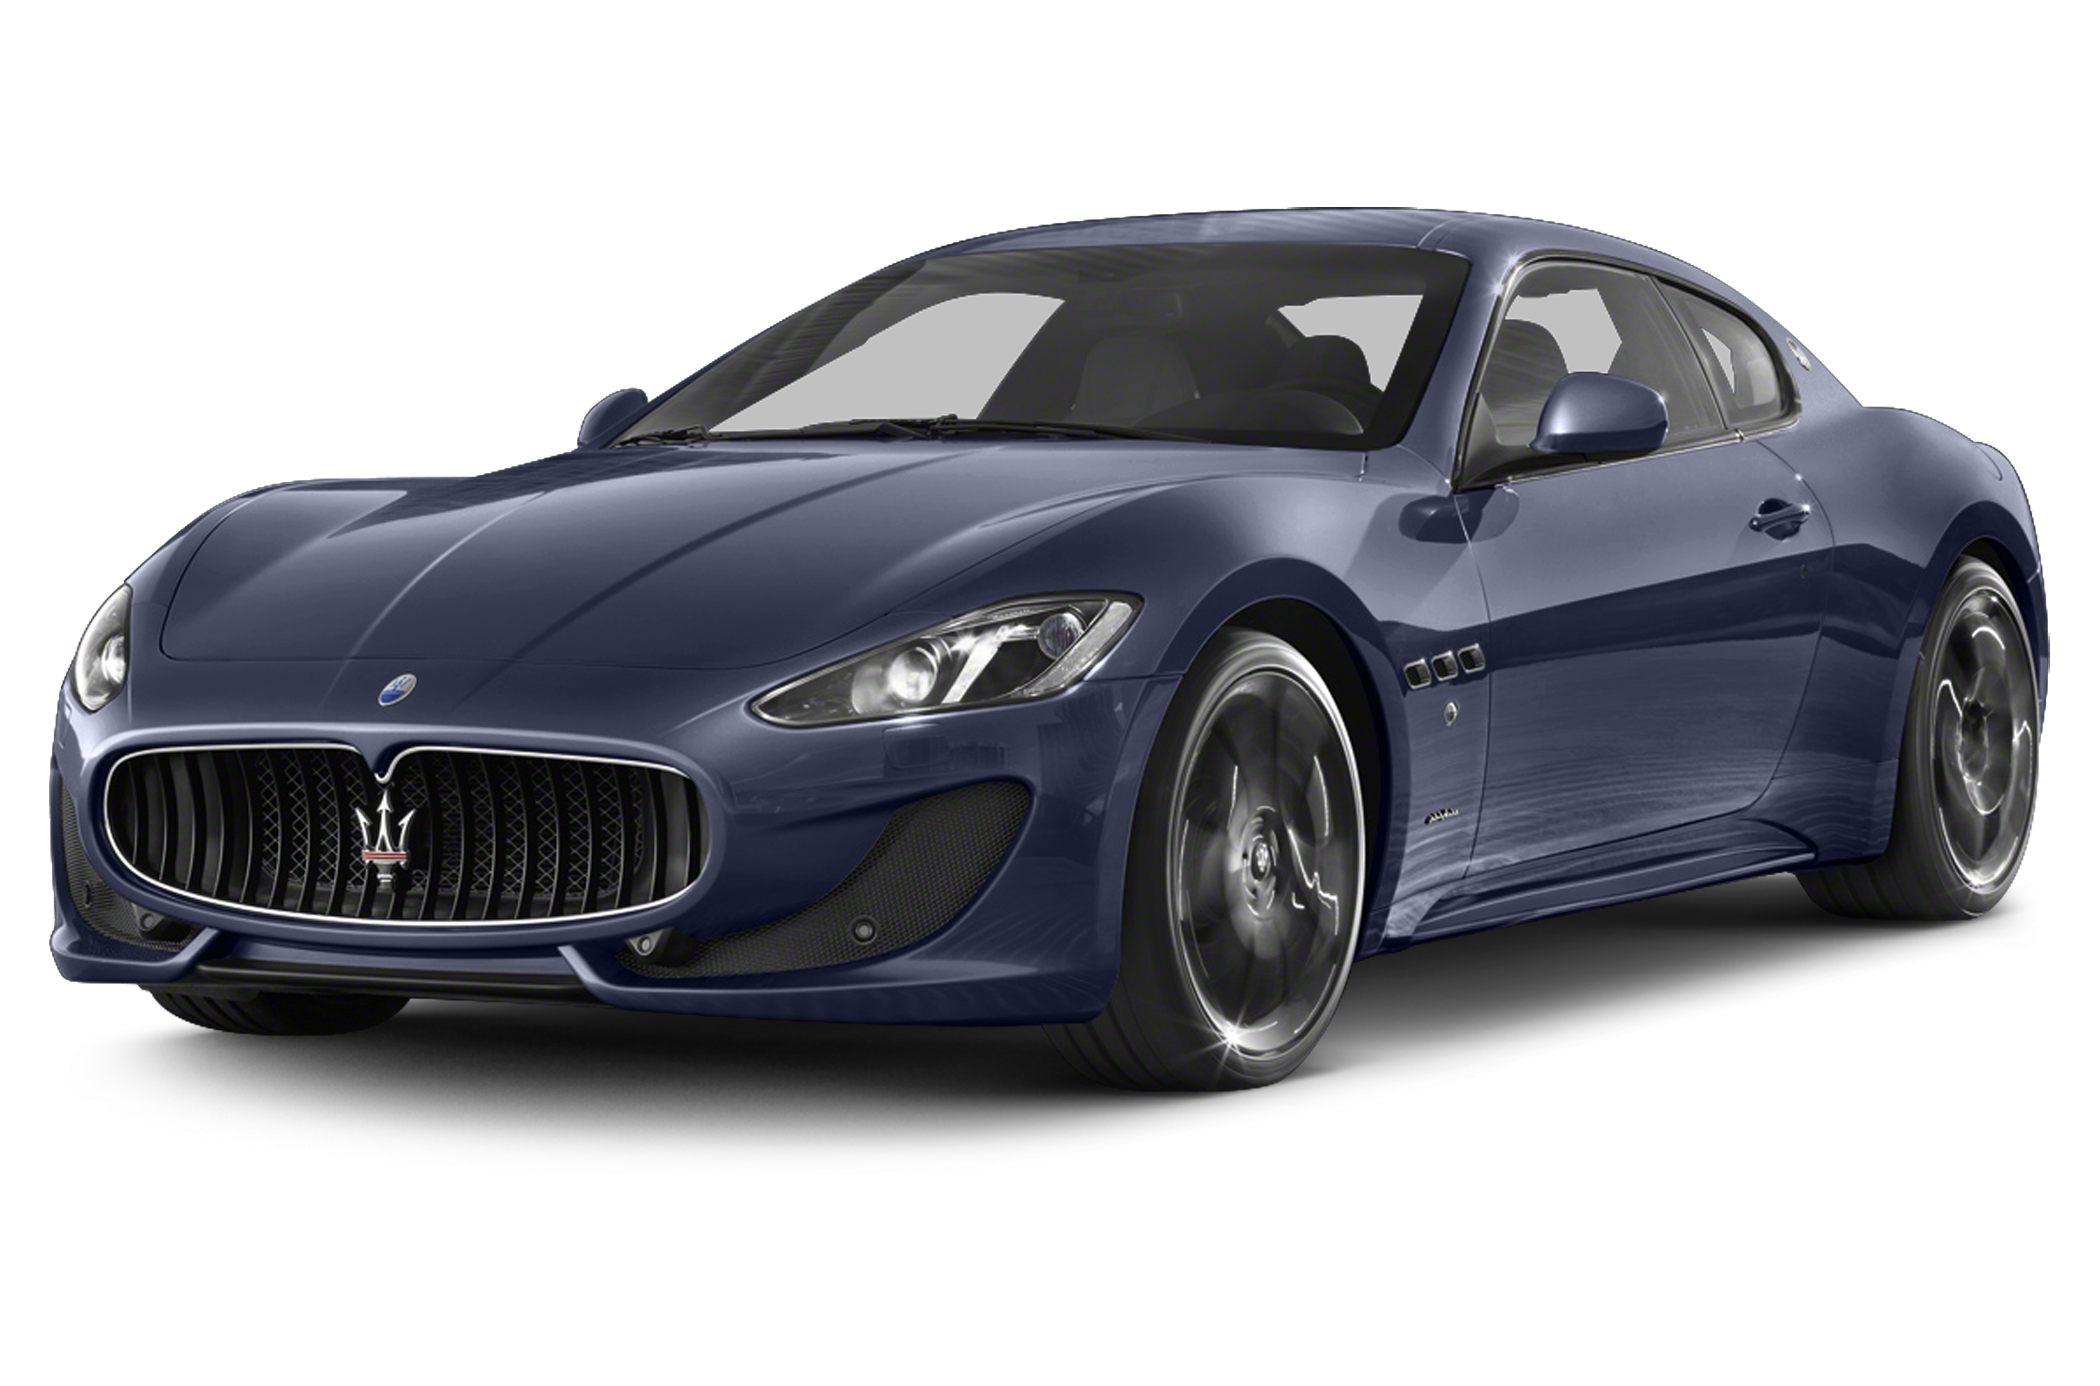 Maserati Convertible 2017 >> 2017 Maserati GranTurismo - Maserati of Albany